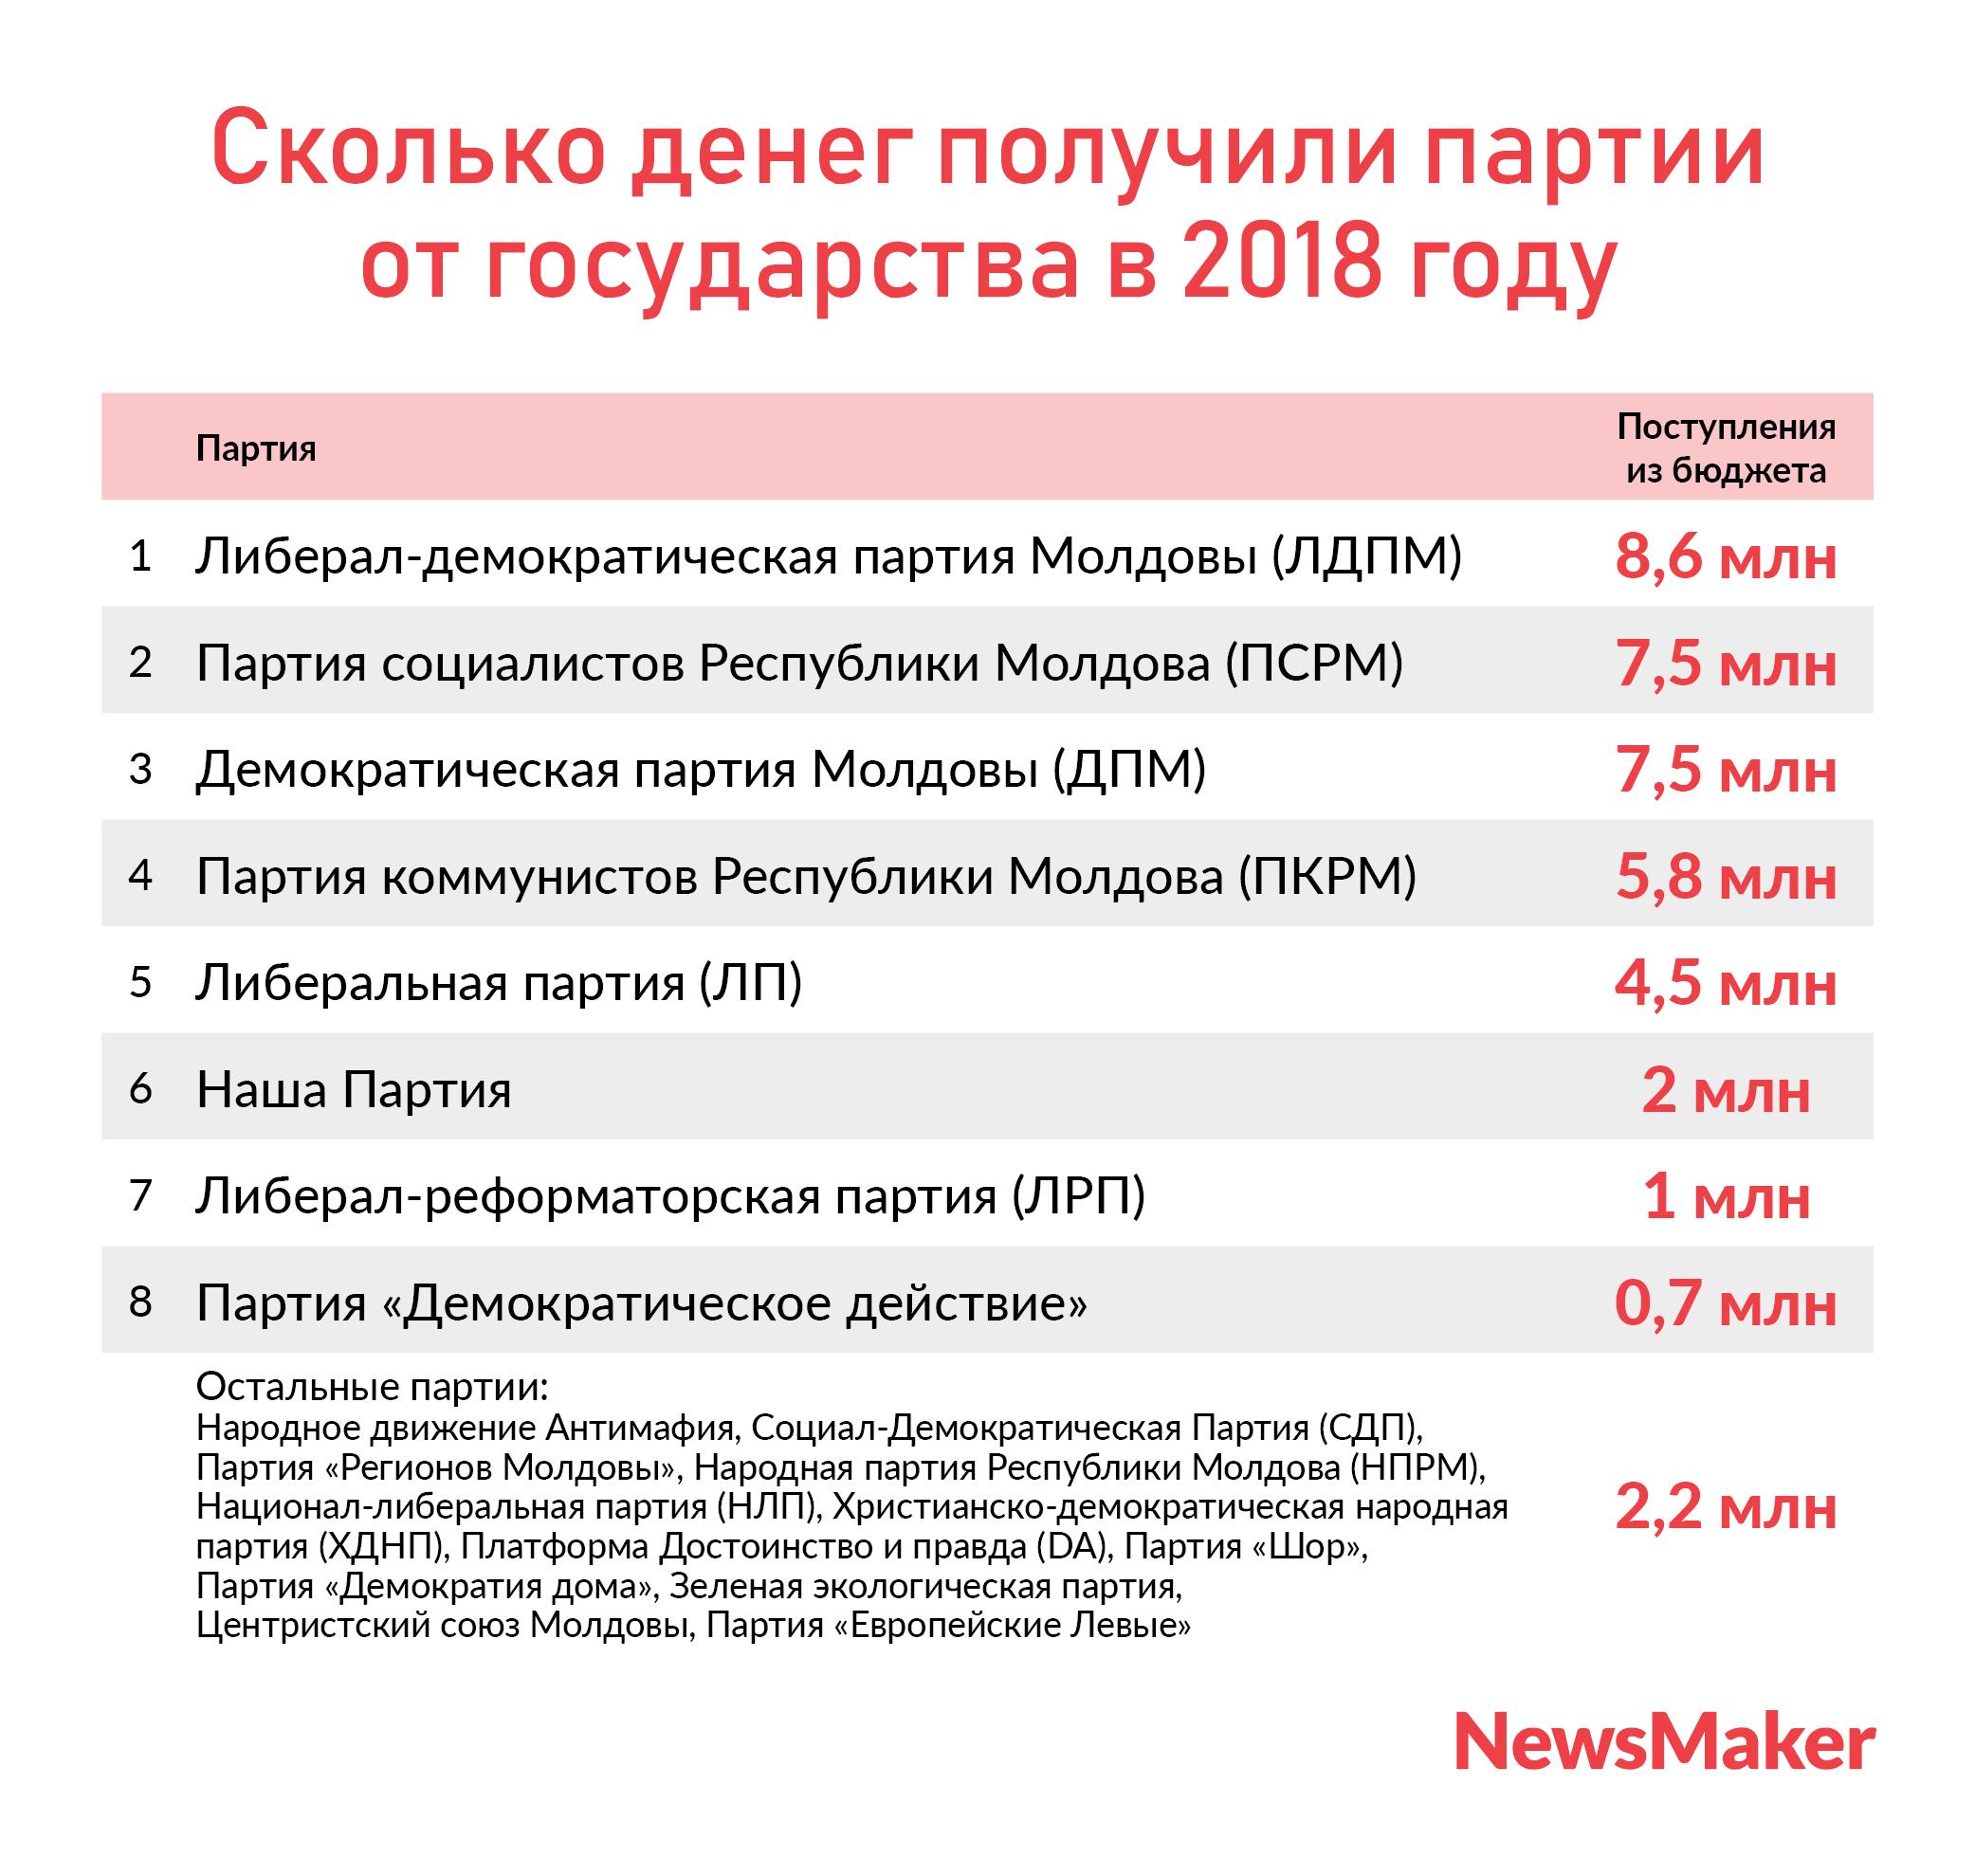 Голос — деньги. Как партии в Молдове зарабатывают на выборах